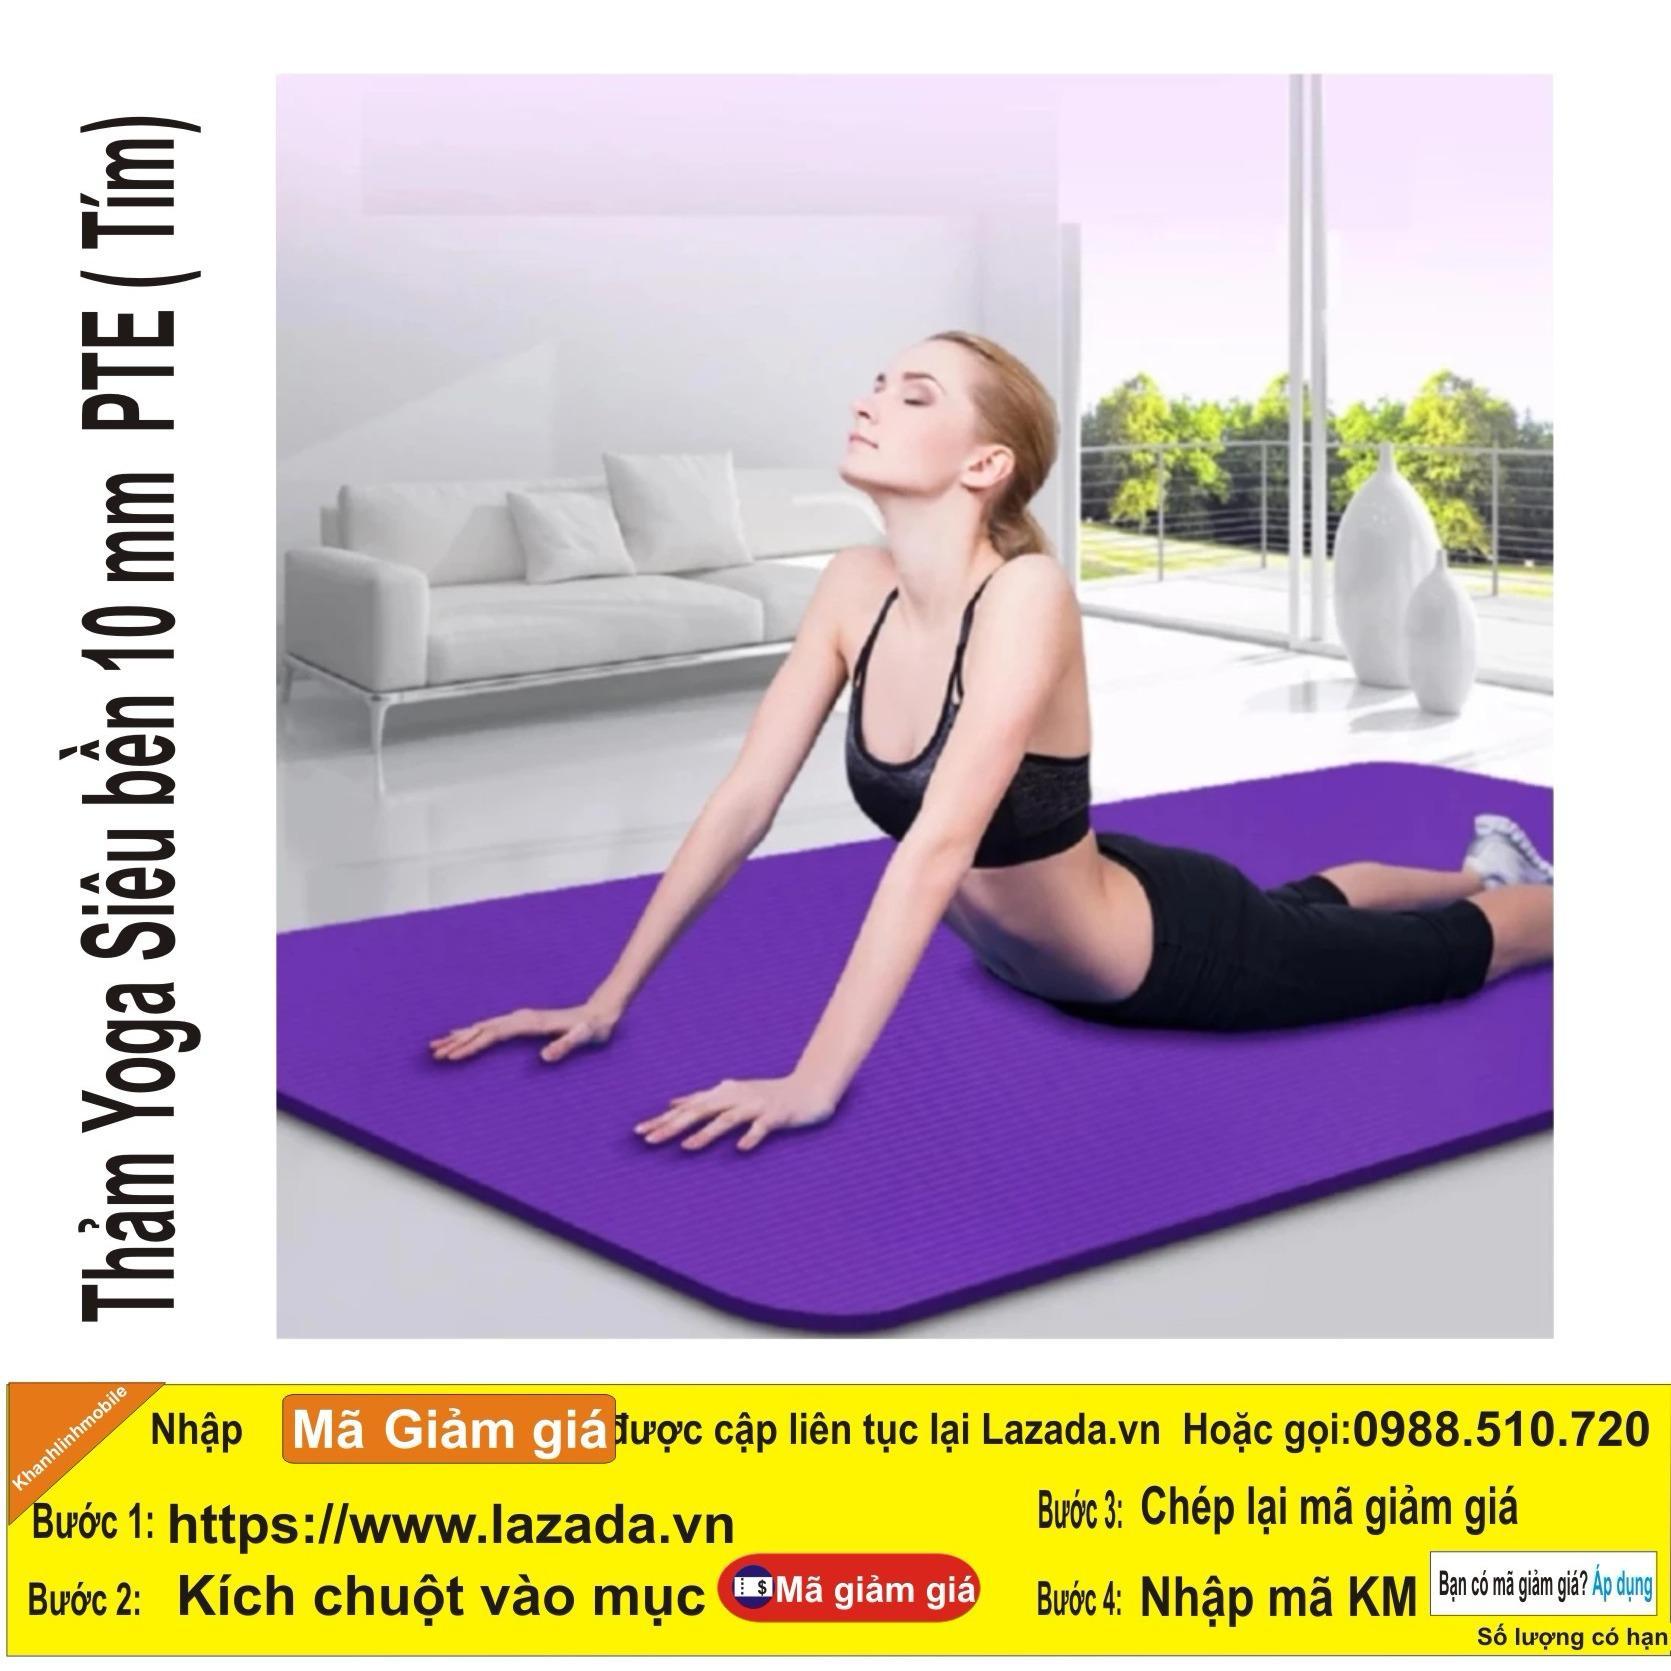 Giá Bán Thảm Tập Yoga Loại 10 Mm Cao Cấp Sản Xuất 2017 Loại 1 Tặng Tui Đựng Thảm Tim Có Thương Hiệu